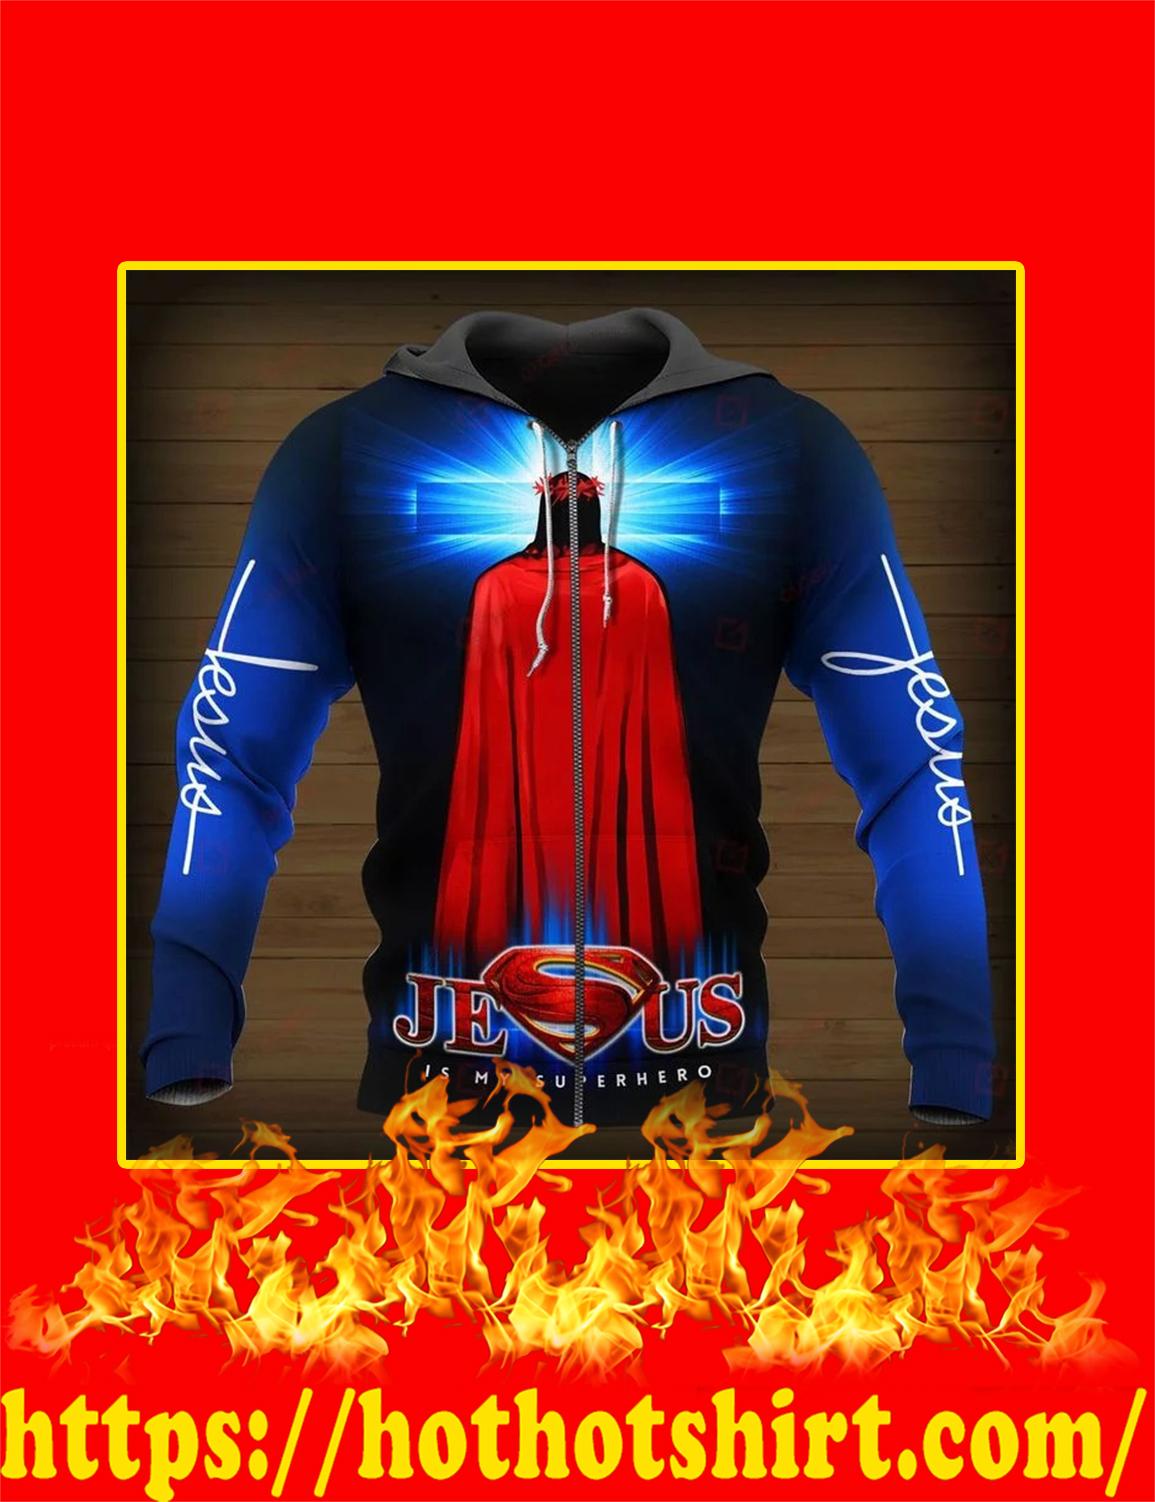 Jesus Is My Superhero 3d zip hoodie